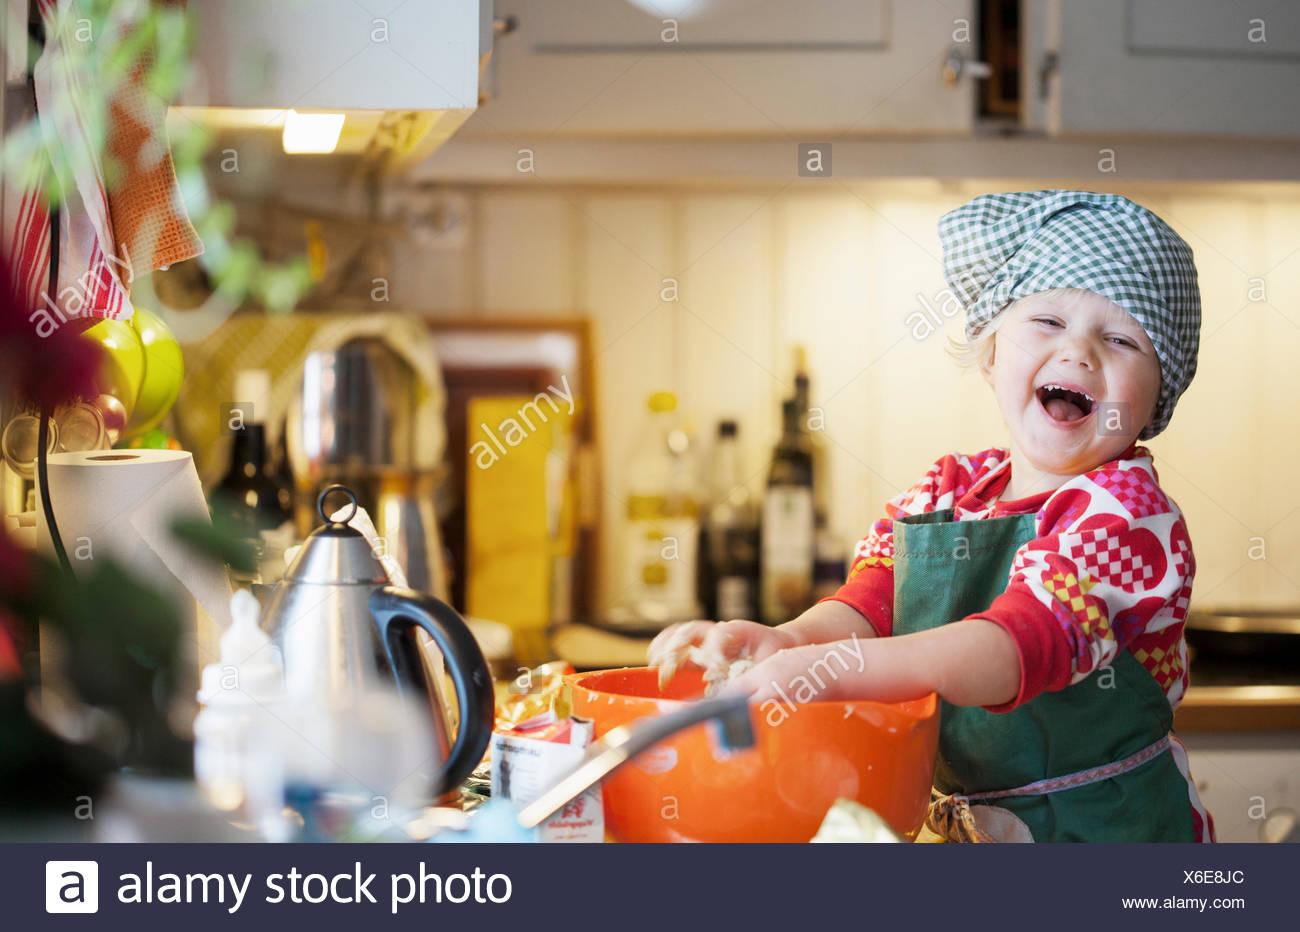 Une jeune fille heureuse la cuisson dans une cuisine Photo Stock